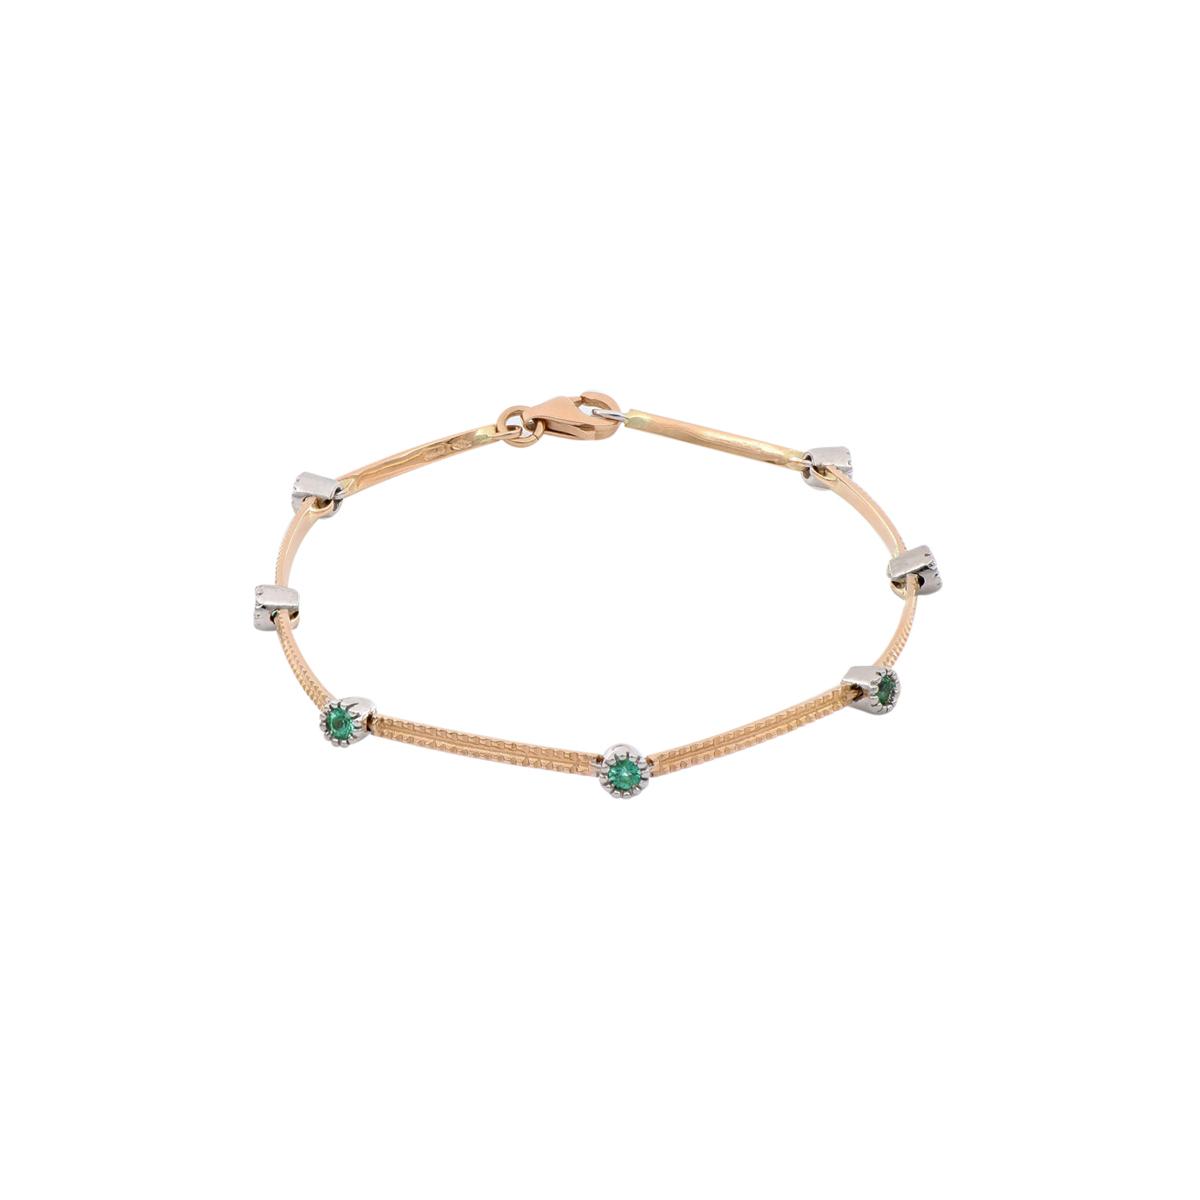 Rose Gold Bar Link Bracelet with Emeralds